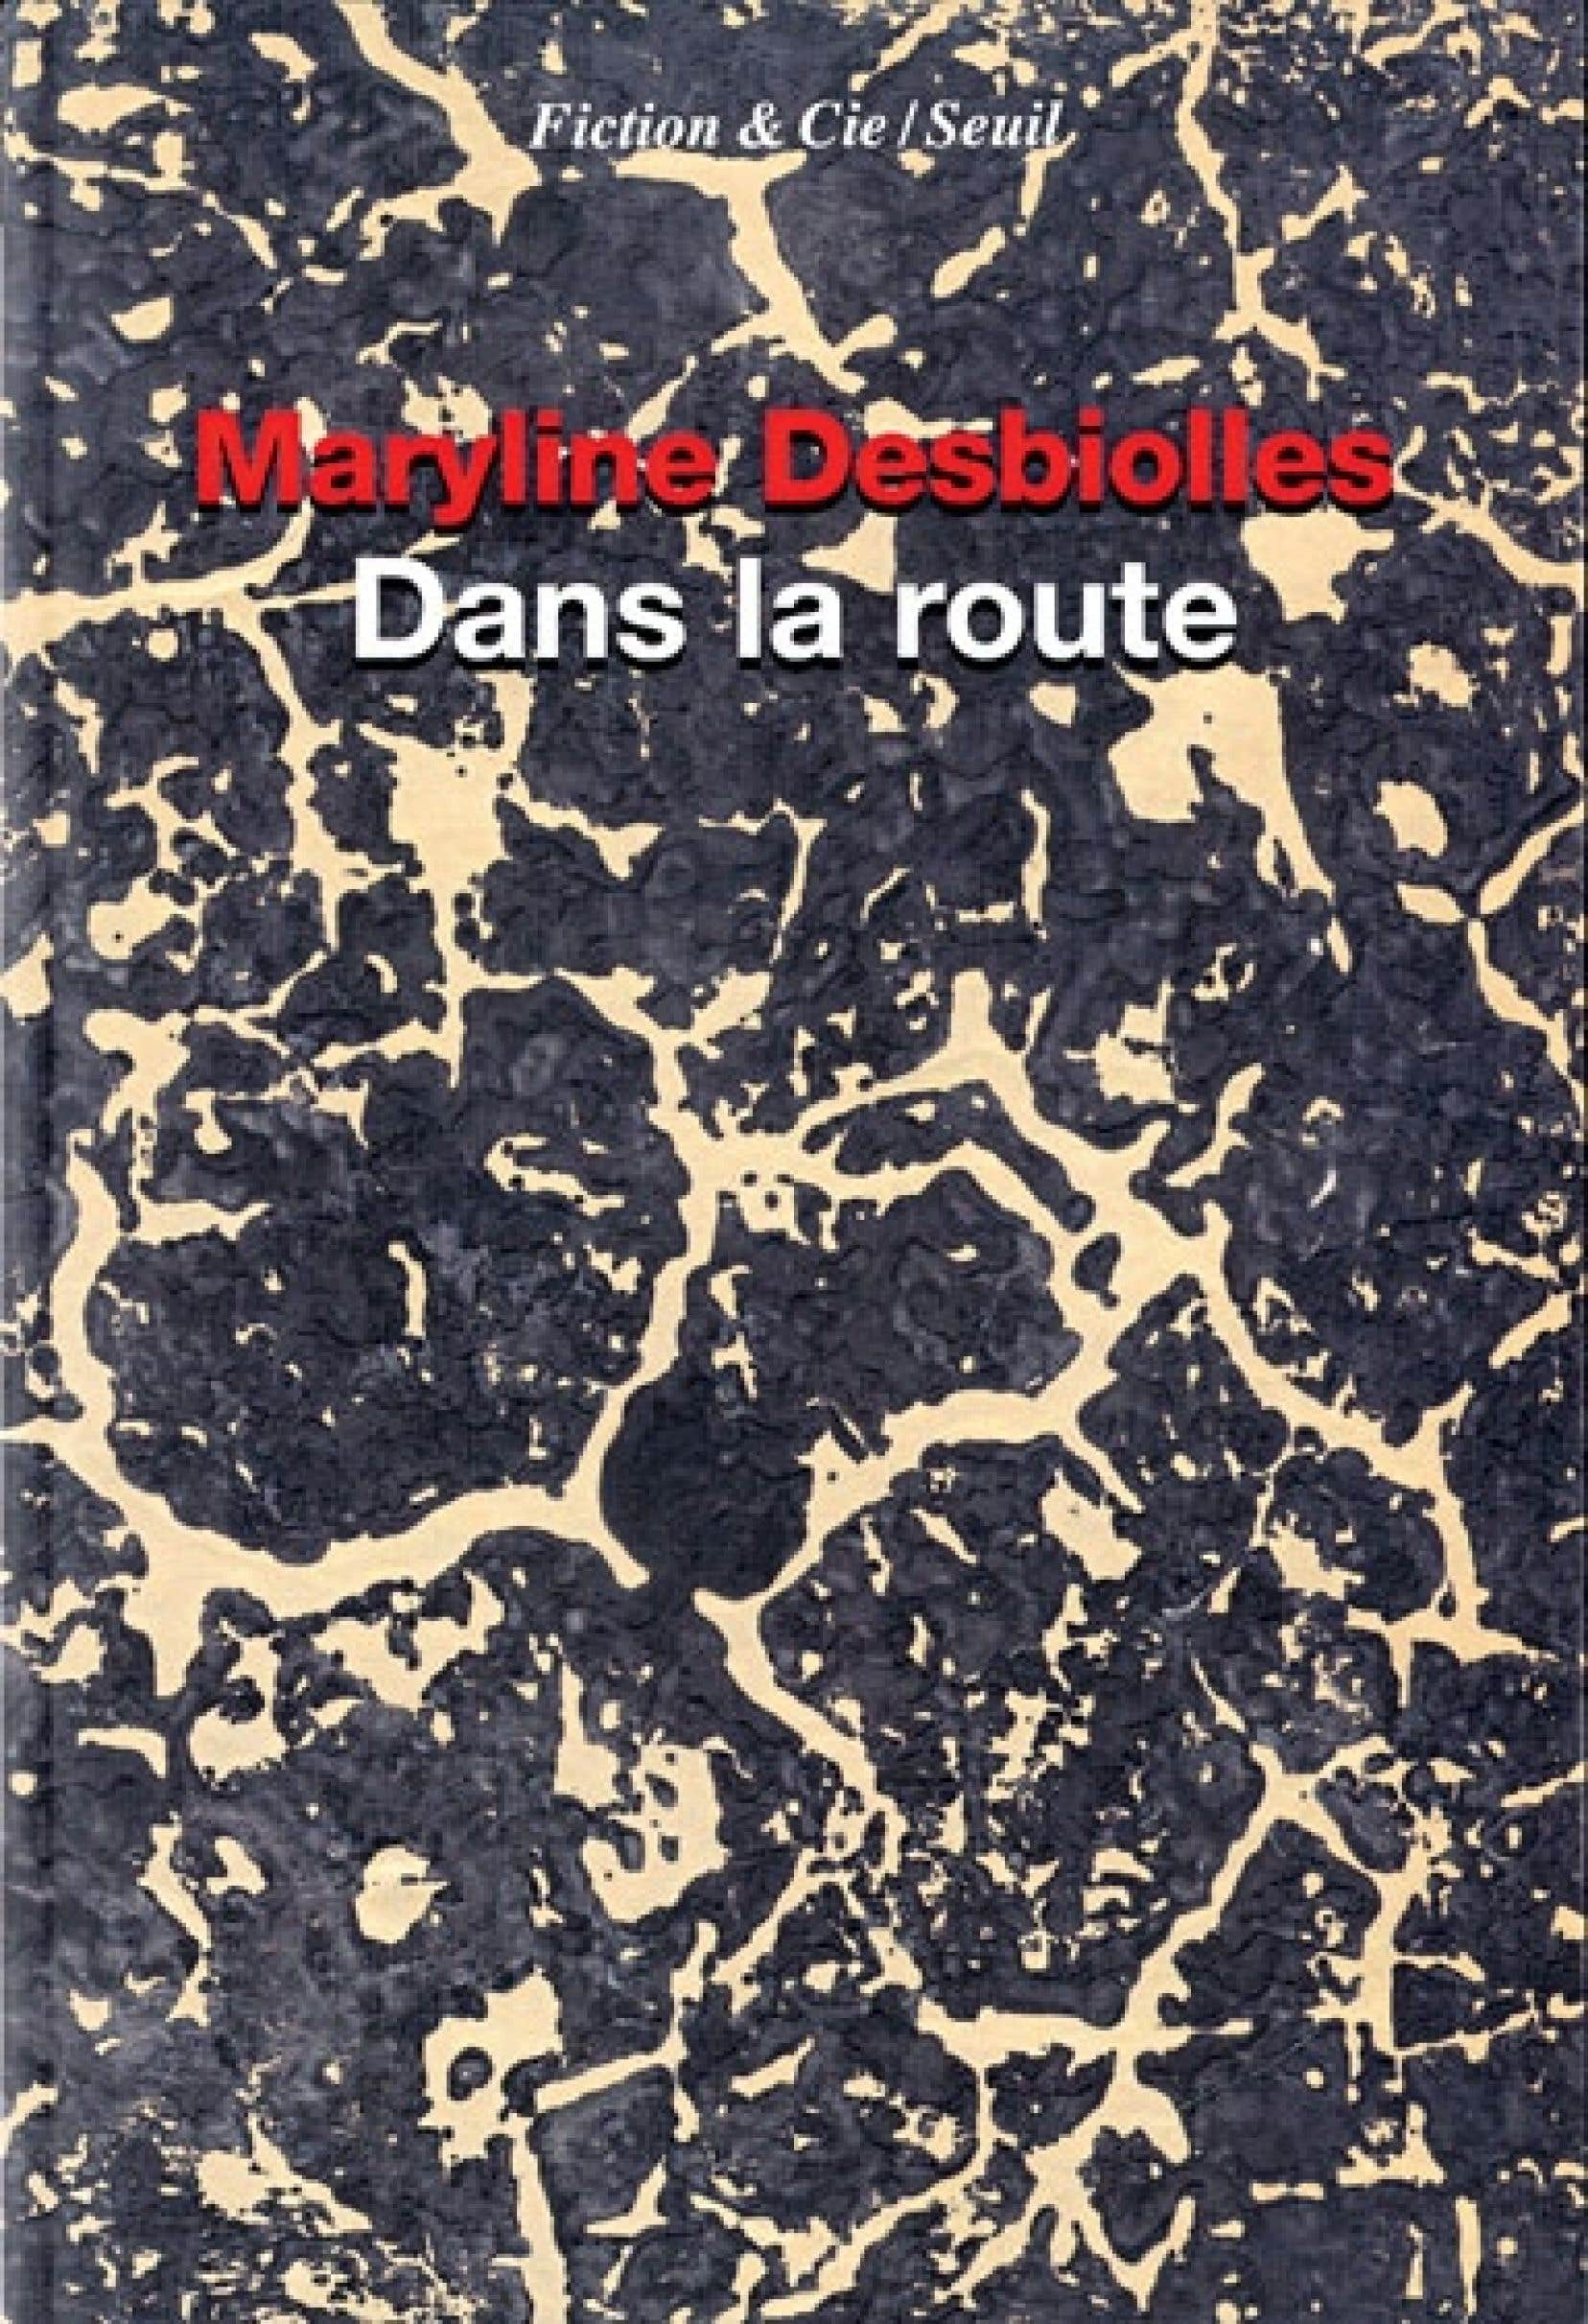 <p> <em>Dans la route, de</em>Maryline Desbiolles</p>